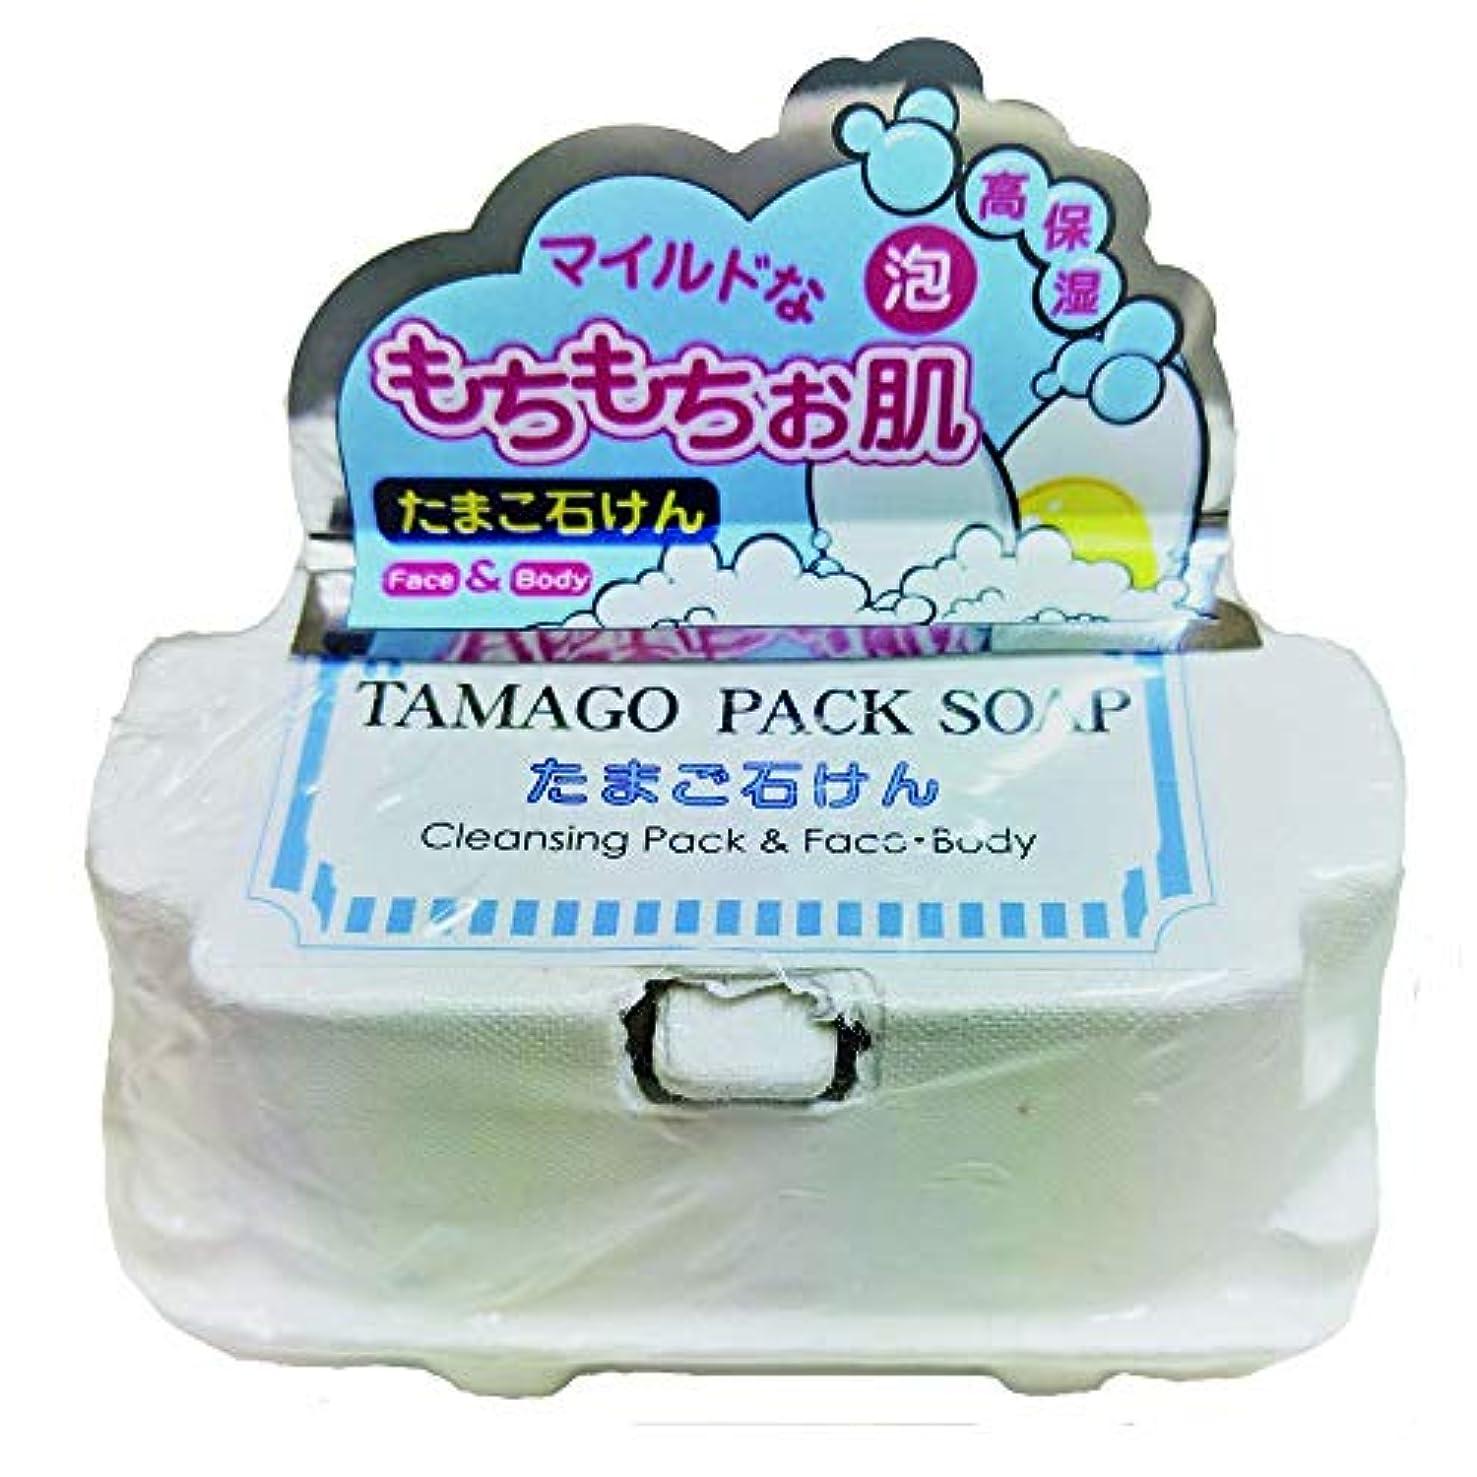 ソフトウェアぼんやりしたアクセスドクターアト たまご石けん Dr.Ato TAMAGO PACK SOAP 50g×2